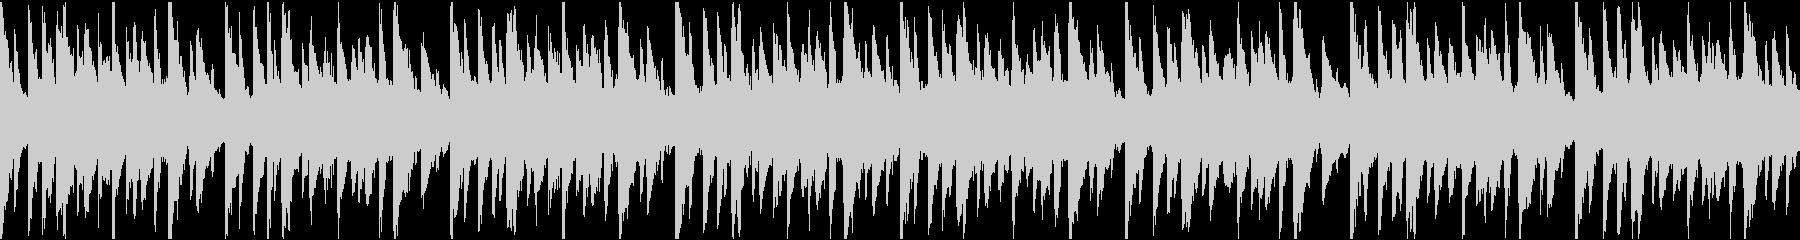 ループ曲 キラキラしたトキメキのリゾートの未再生の波形